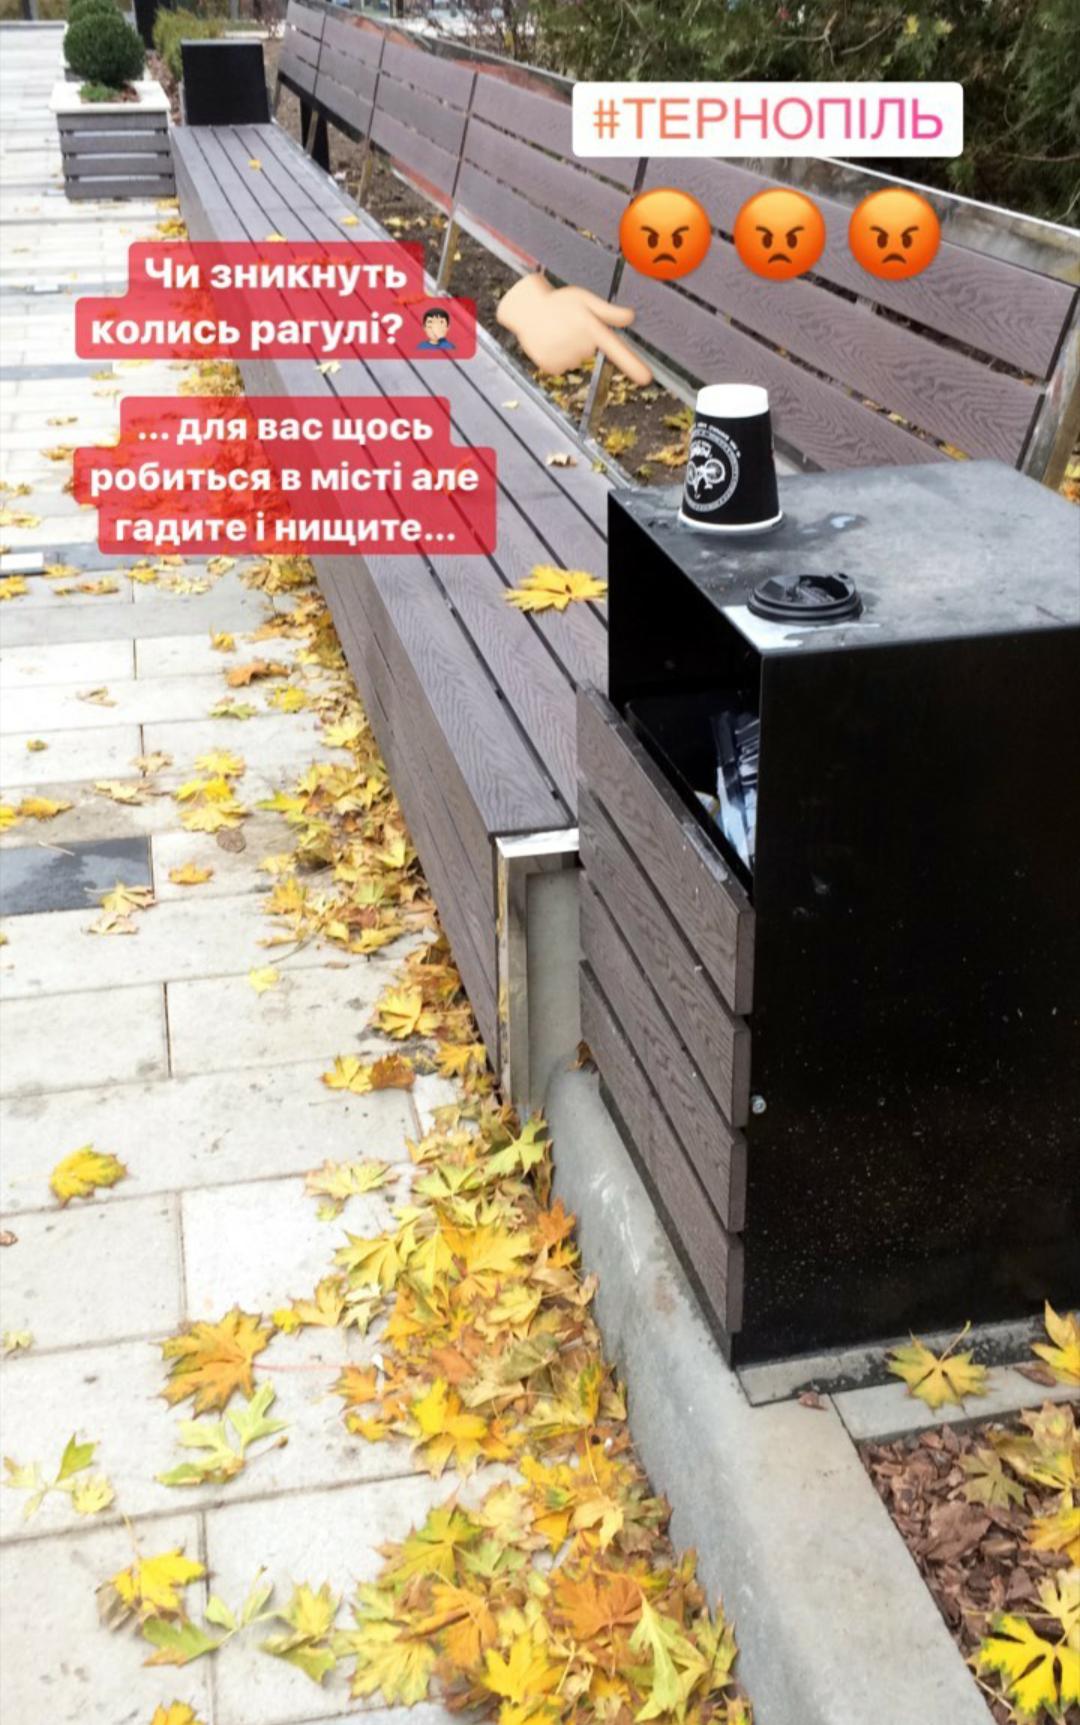 """""""Чи зникнуть колись рагулі?"""": біля тернопільського фонтану """"Кульбаба"""" невідомі влаштували власний """"смітник"""" (ФОТО), фото-1"""